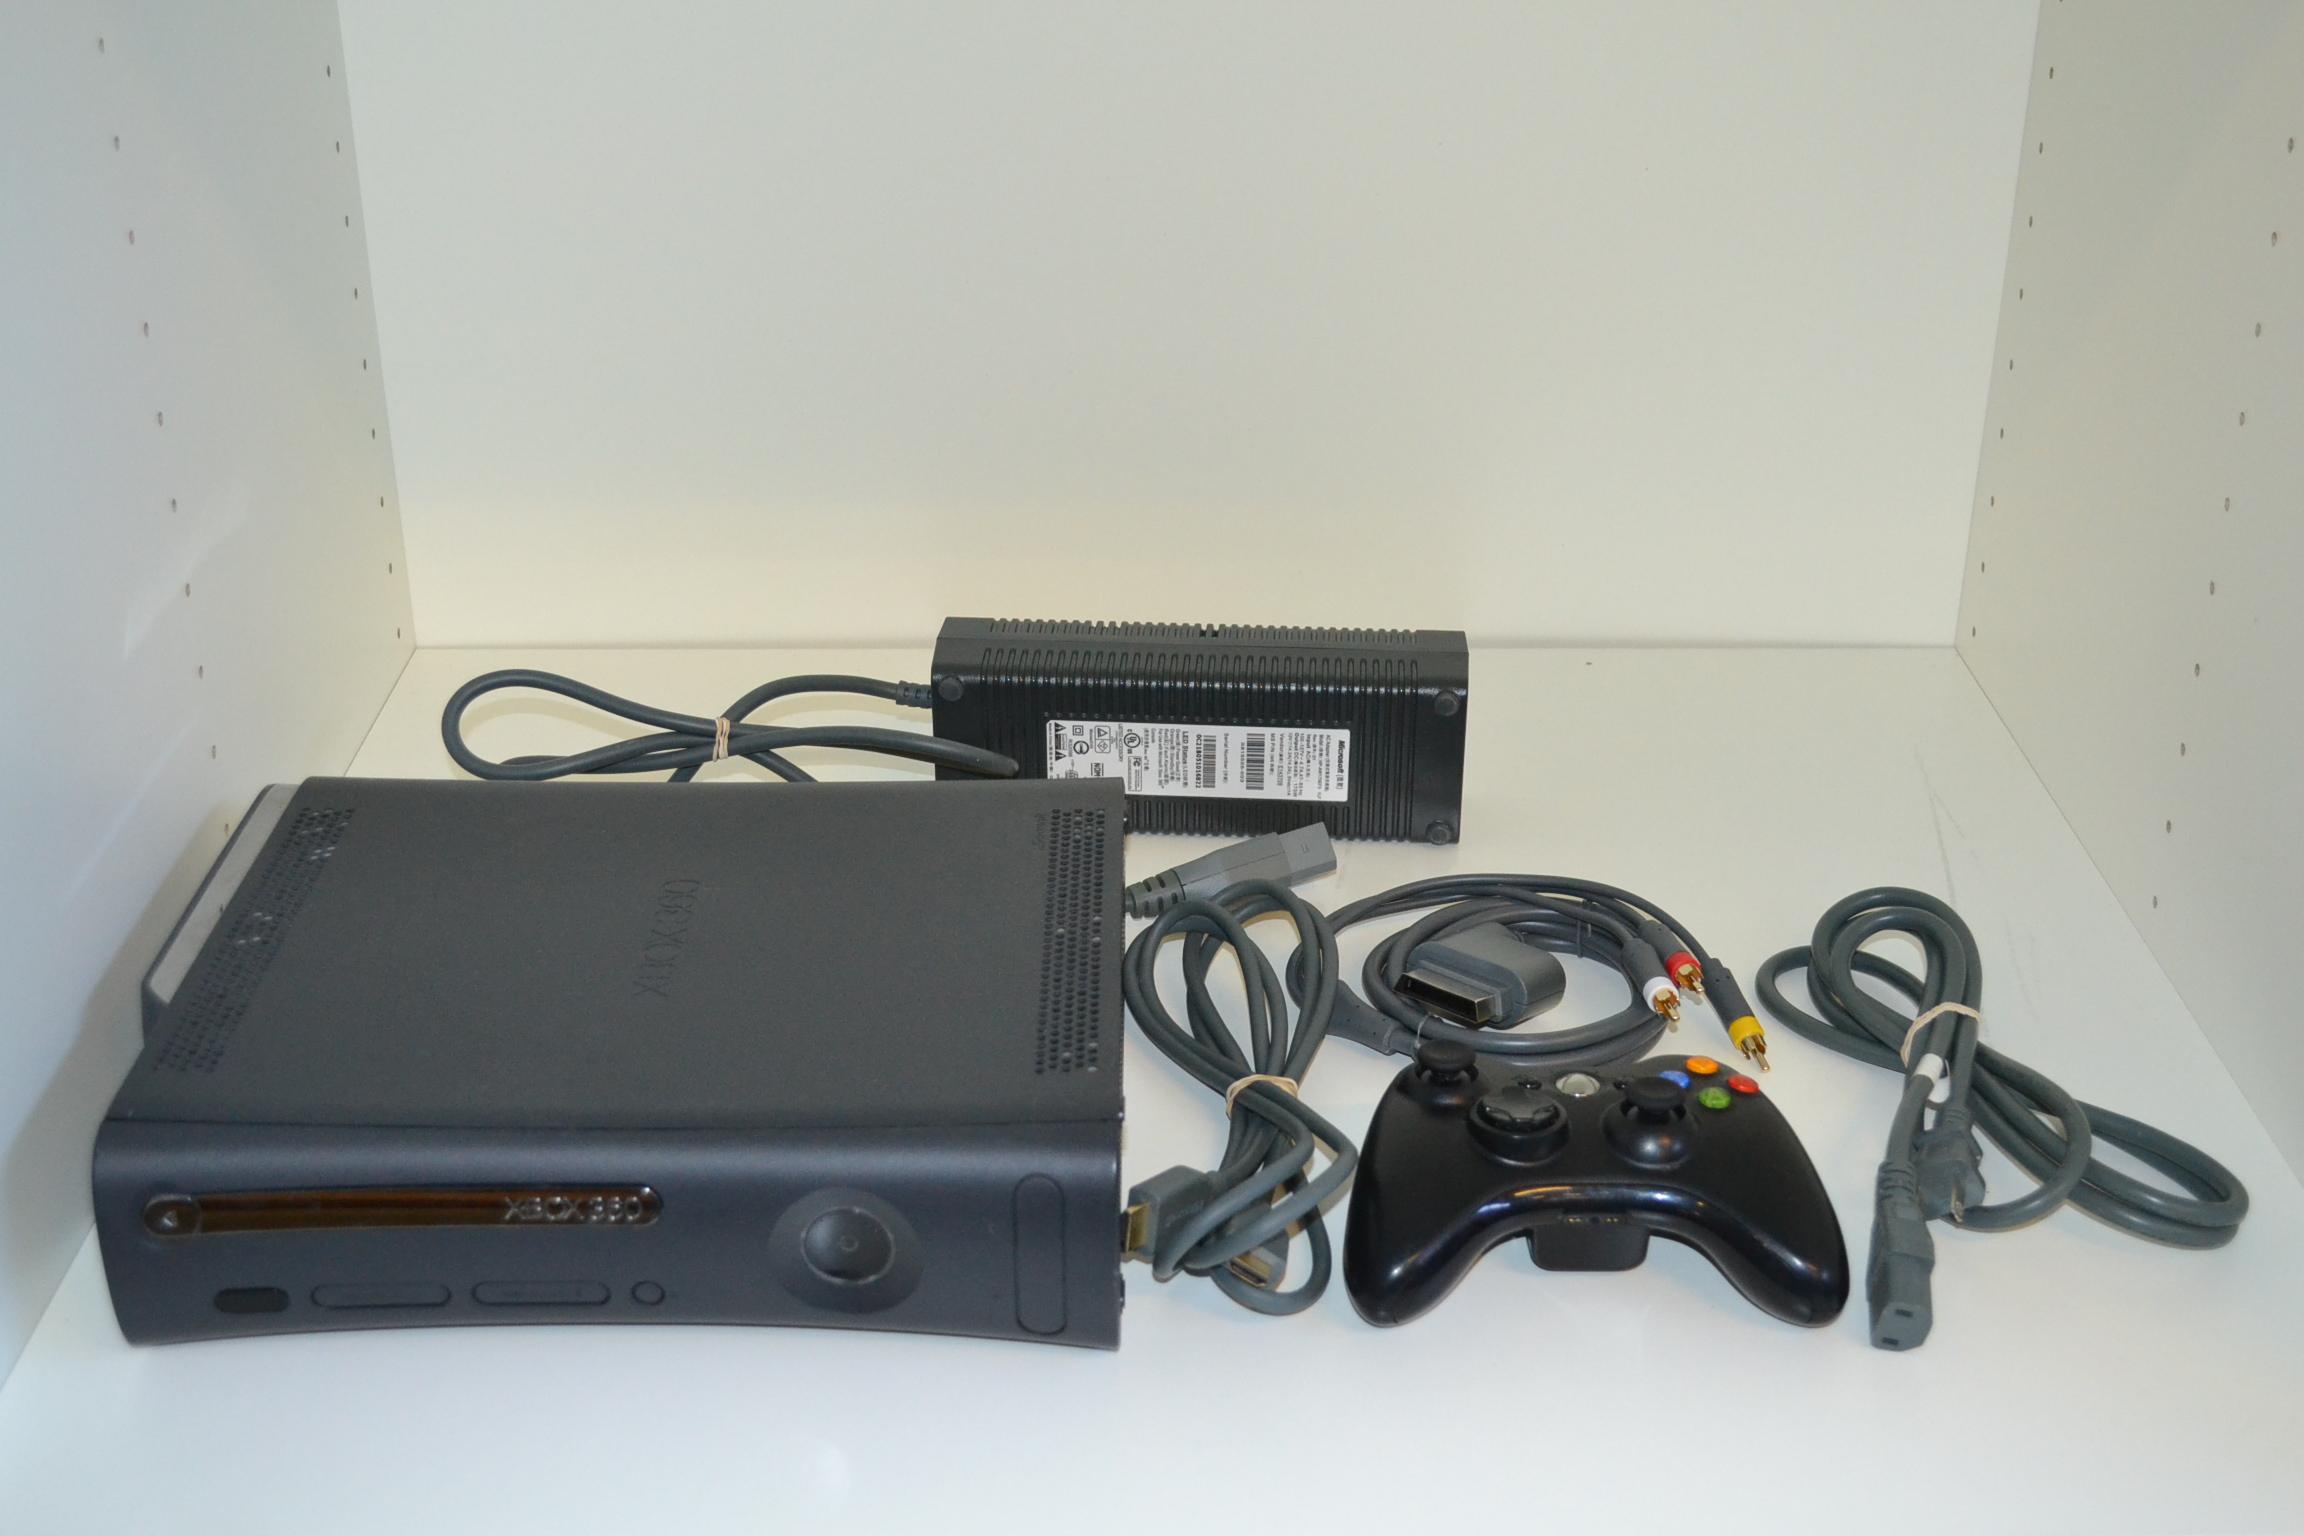 Microsoft Xbox 360 Elite System - 897.1KB